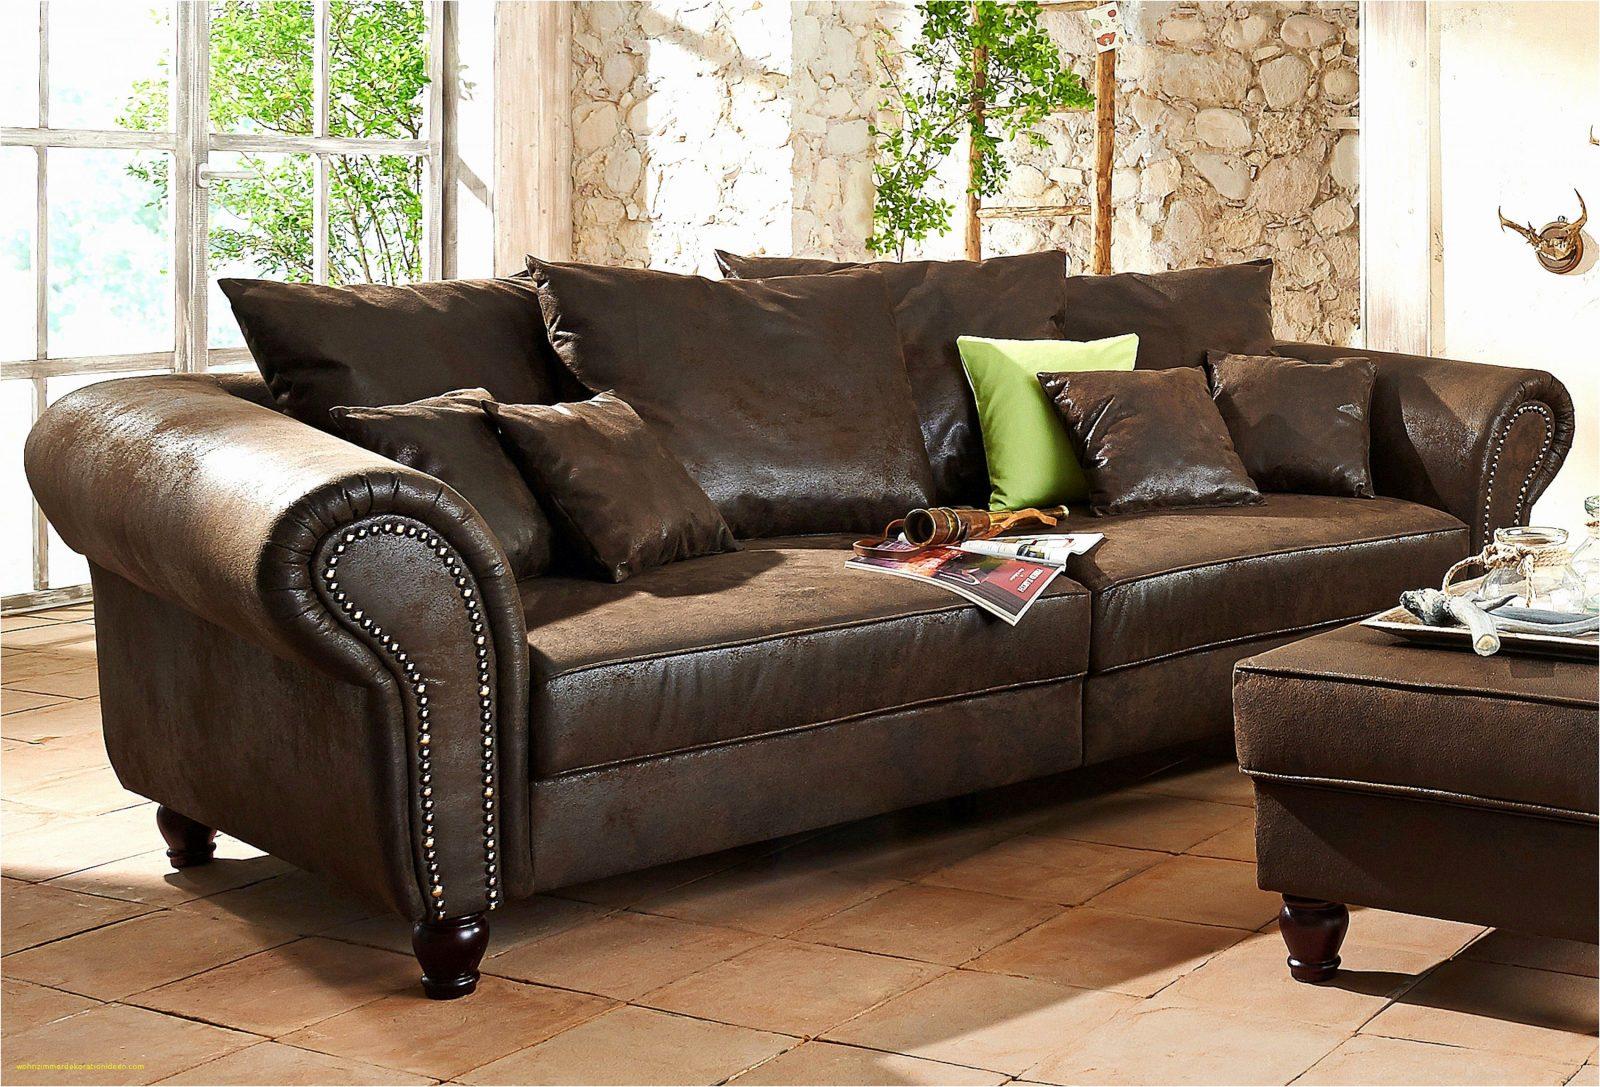 big sofa auf raten kaufen trotz schufa sofa auf rechnung. Black Bedroom Furniture Sets. Home Design Ideas